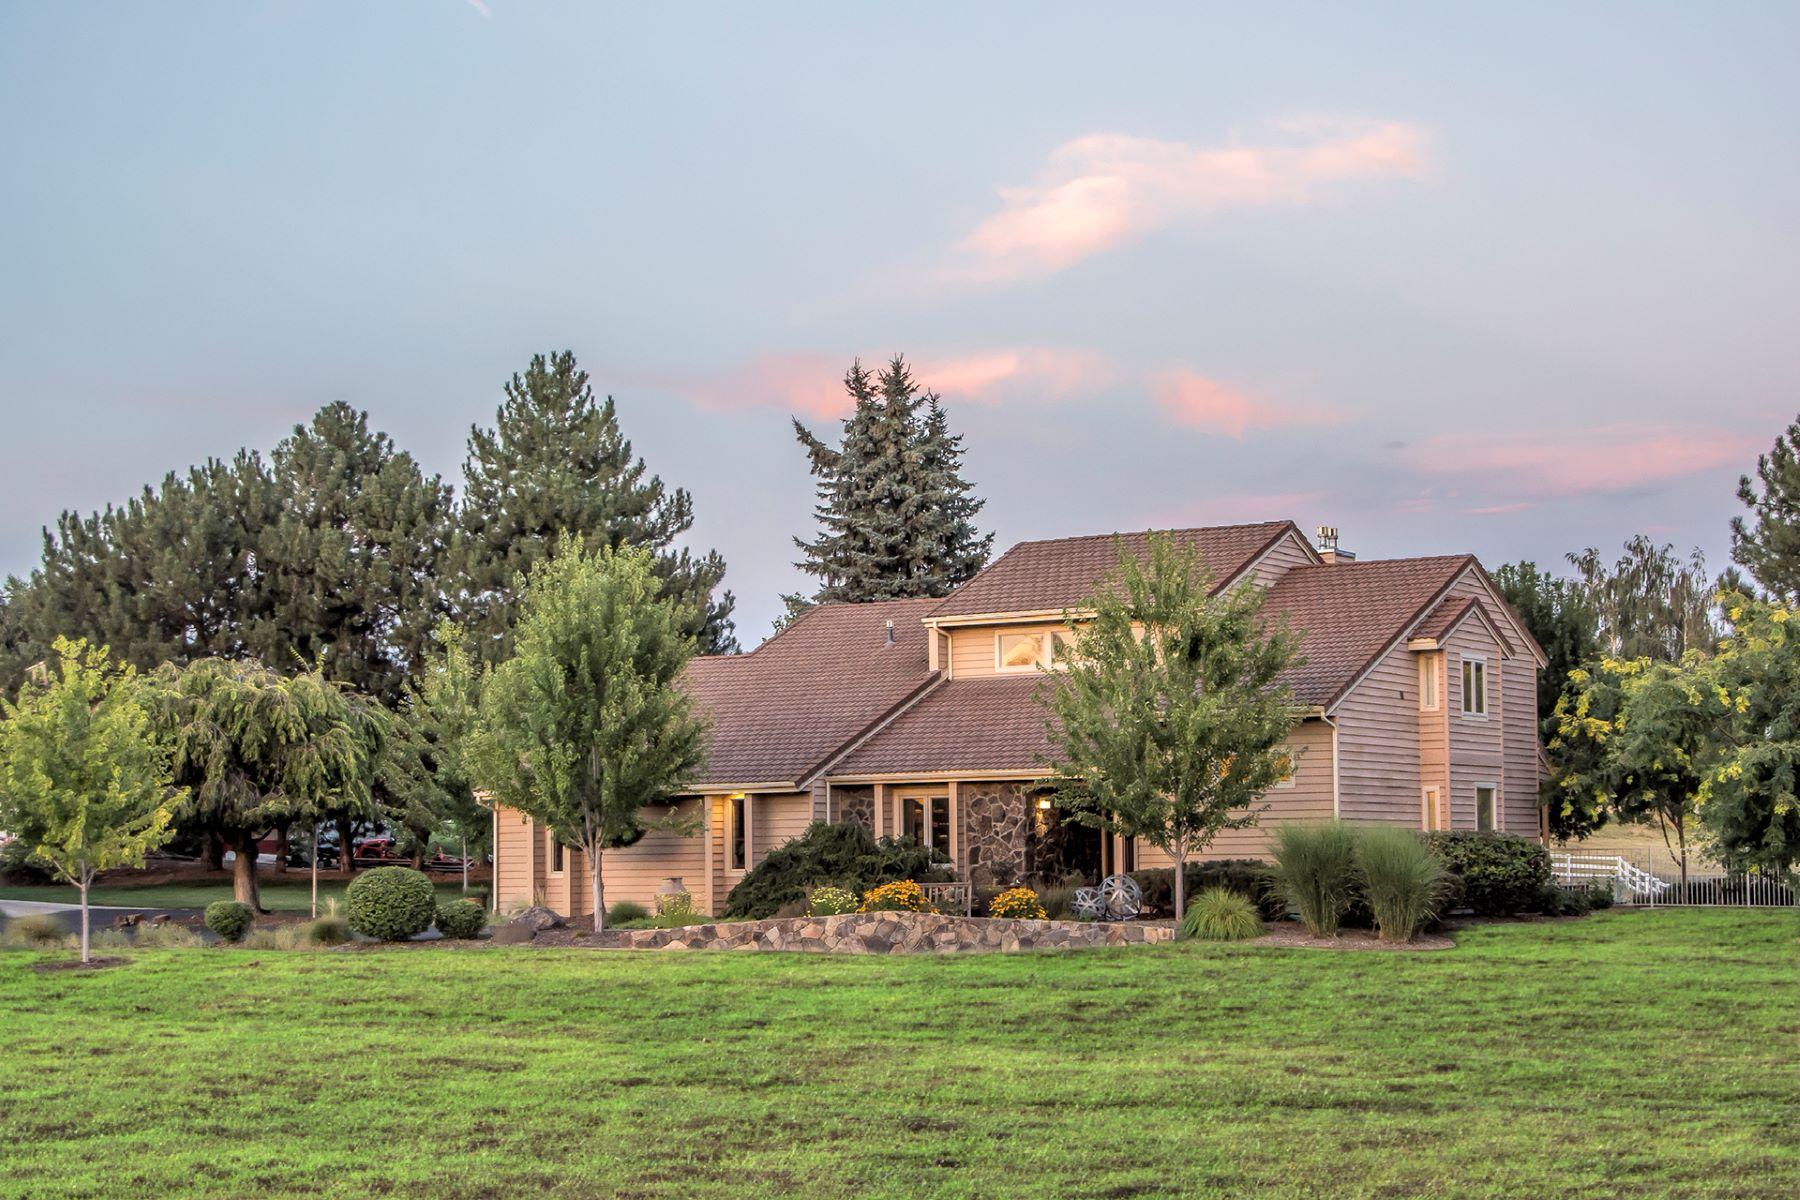 Casa Unifamiliar por un Venta en 1531 Gray Lynn Dr, Walla Walla Walla Walla, Washington 99362 Estados Unidos